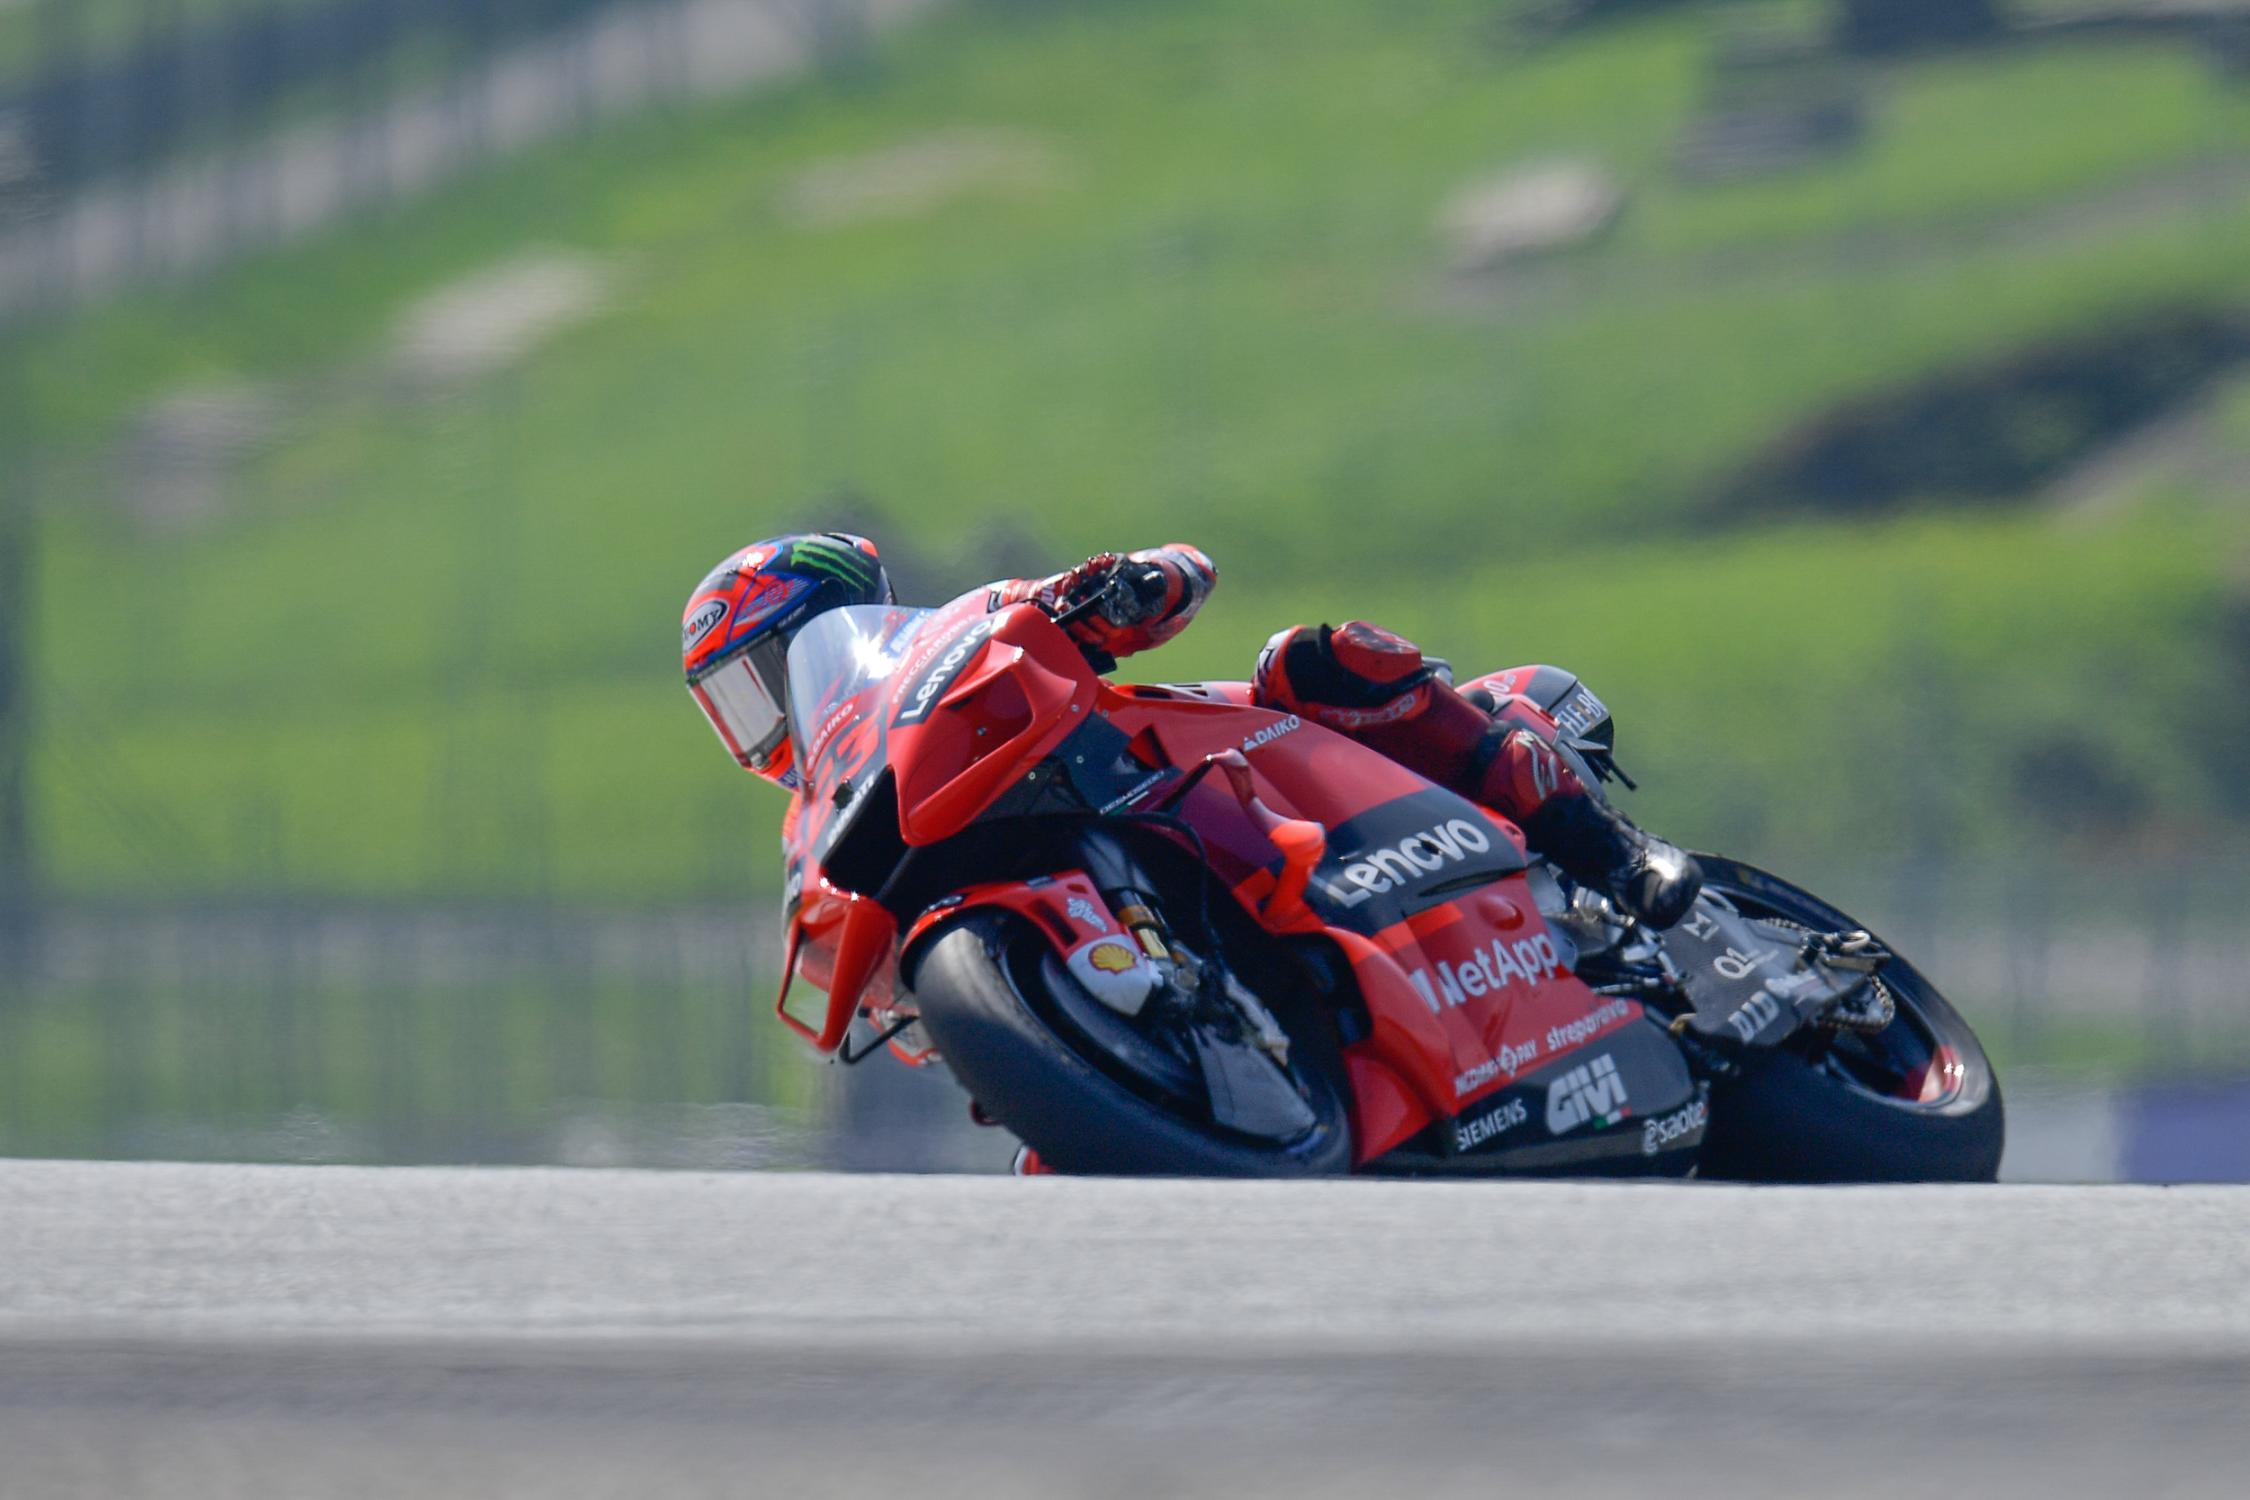 FP3 del Gp d'Austria: Bagnaia primo con la Ducati, Martin della Pramac Racing passa dalla Q1.